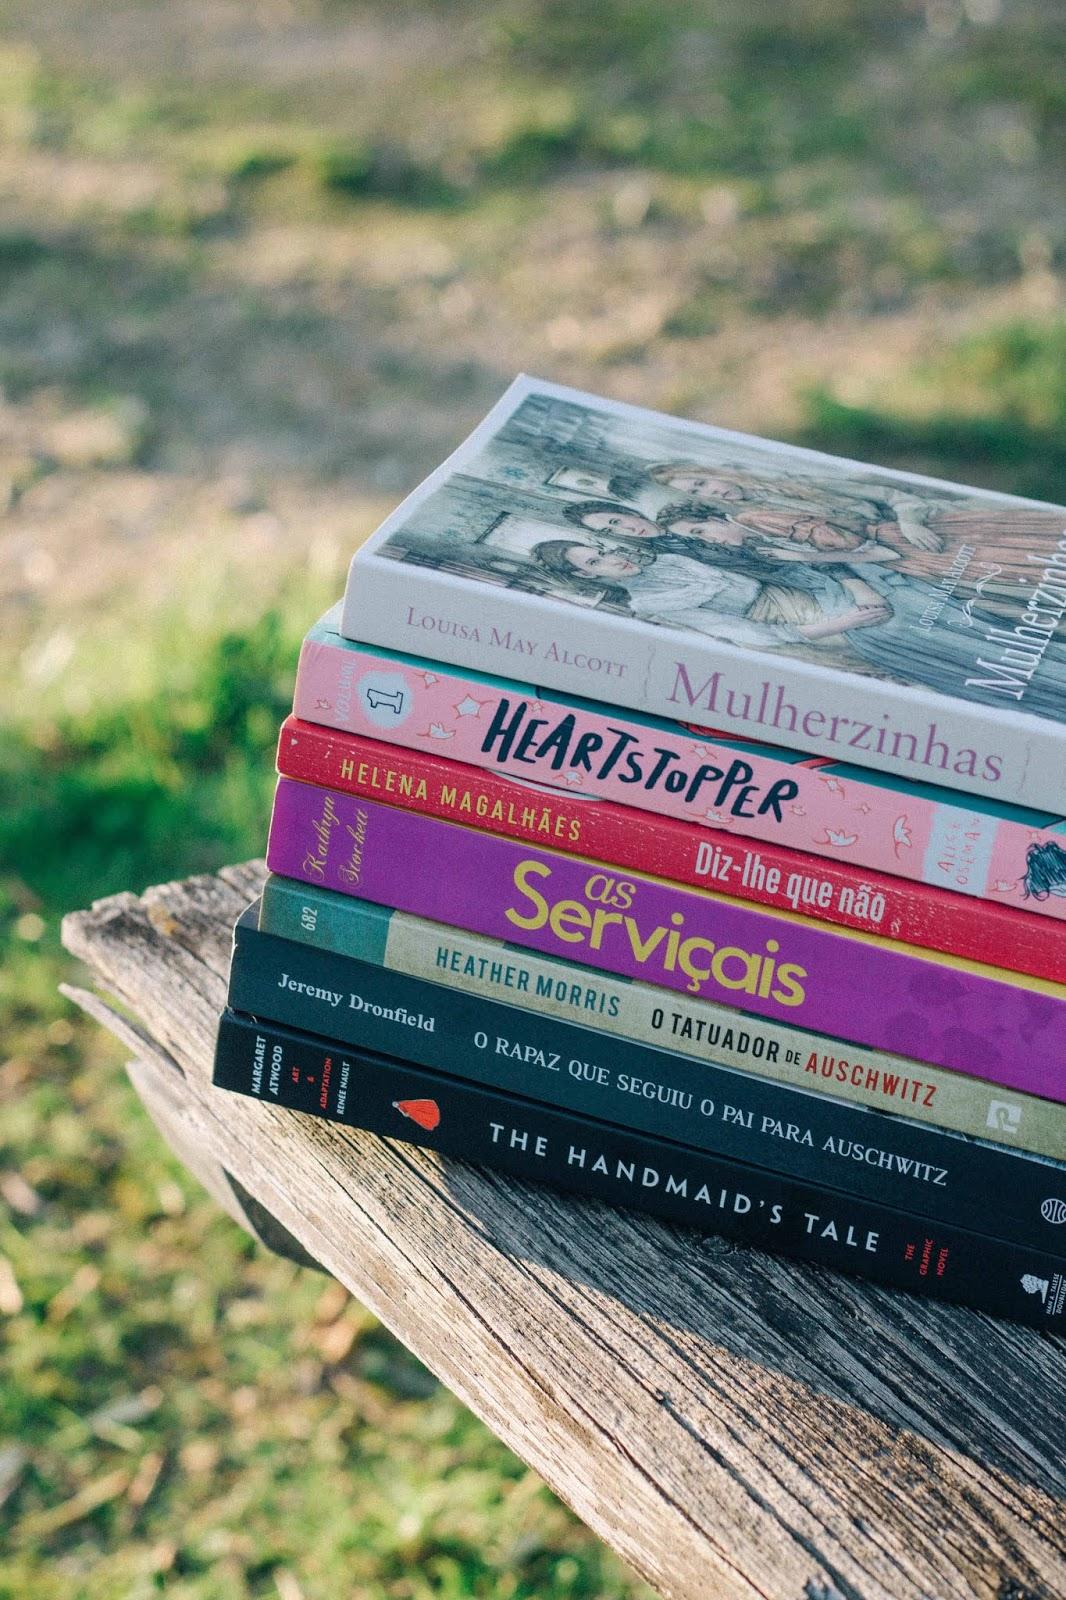 """""""Mulherzinhas"""" de Louisa May Alcott, """"Heartstopper"""" by Alice Oseman, """"Diz-lhe que Não"""" de Helena Magalhães, """"As Serviçais"""" de Kathryn Stockett, """"O Tatuador de Auschwitz"""" de Heather Morris, """"O Rapaz que Seguiu o Pai para Auschwitz"""" de Jeremy Dronfield, """"The Handmaid's Tale: The Graphic Novel"""" by Margaret Atwood"""